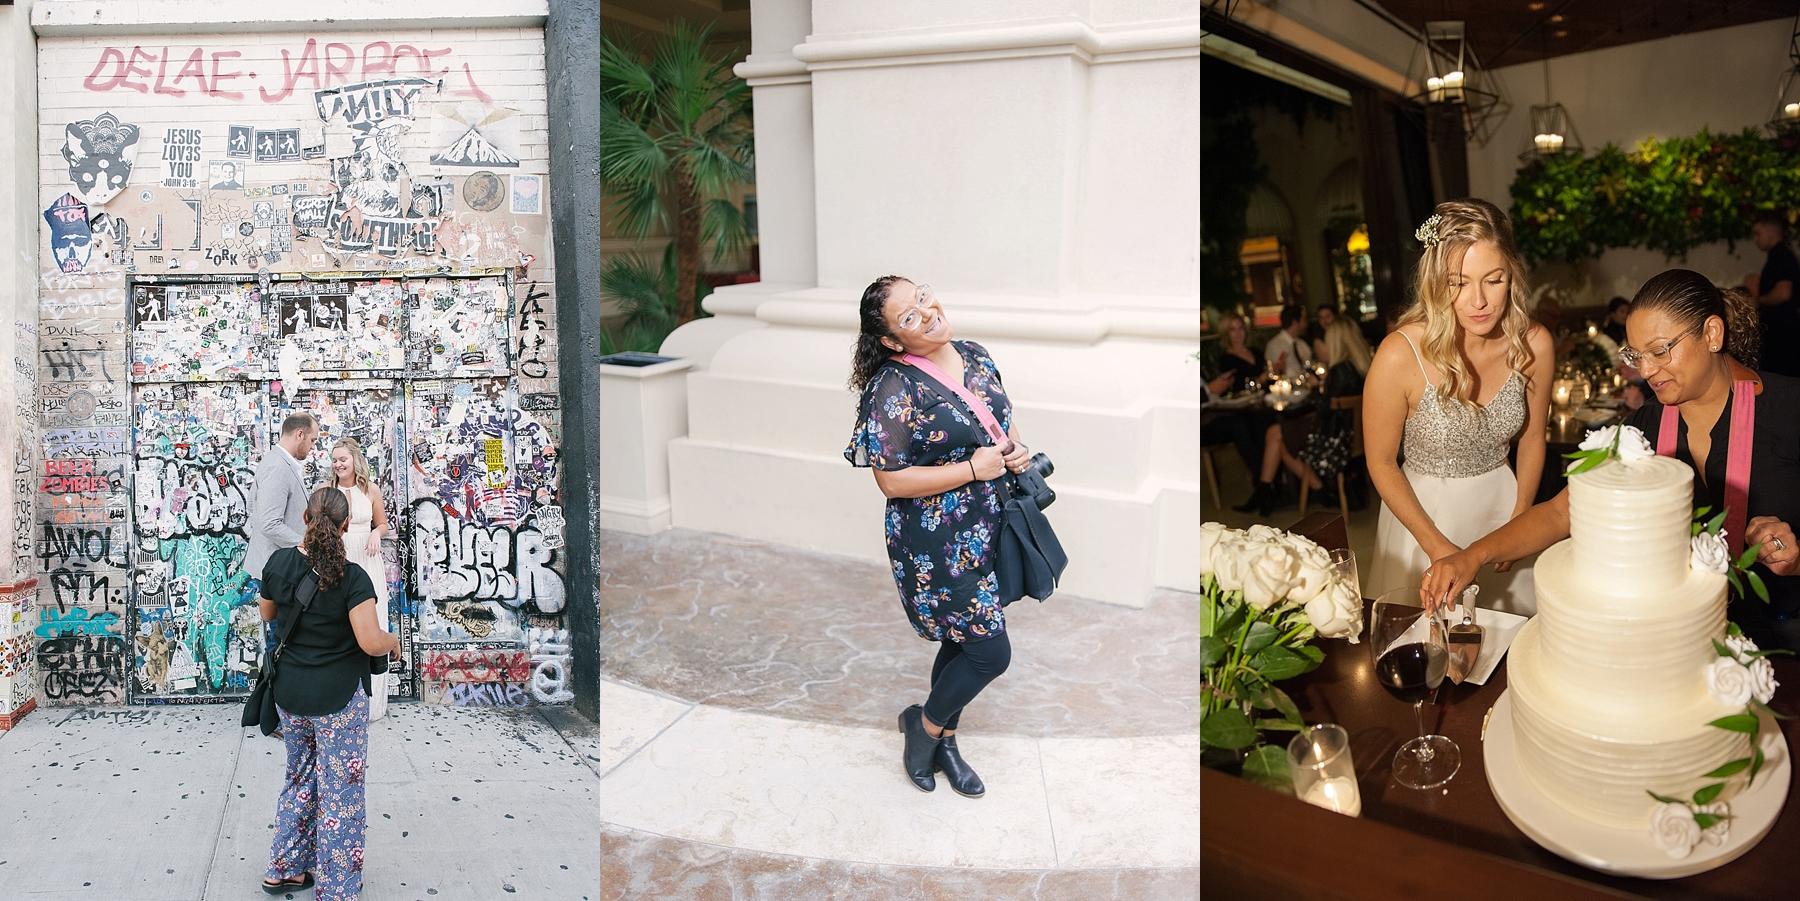 las_vegas_wedding_photographers_behind_the_scenes-04-6.jpg